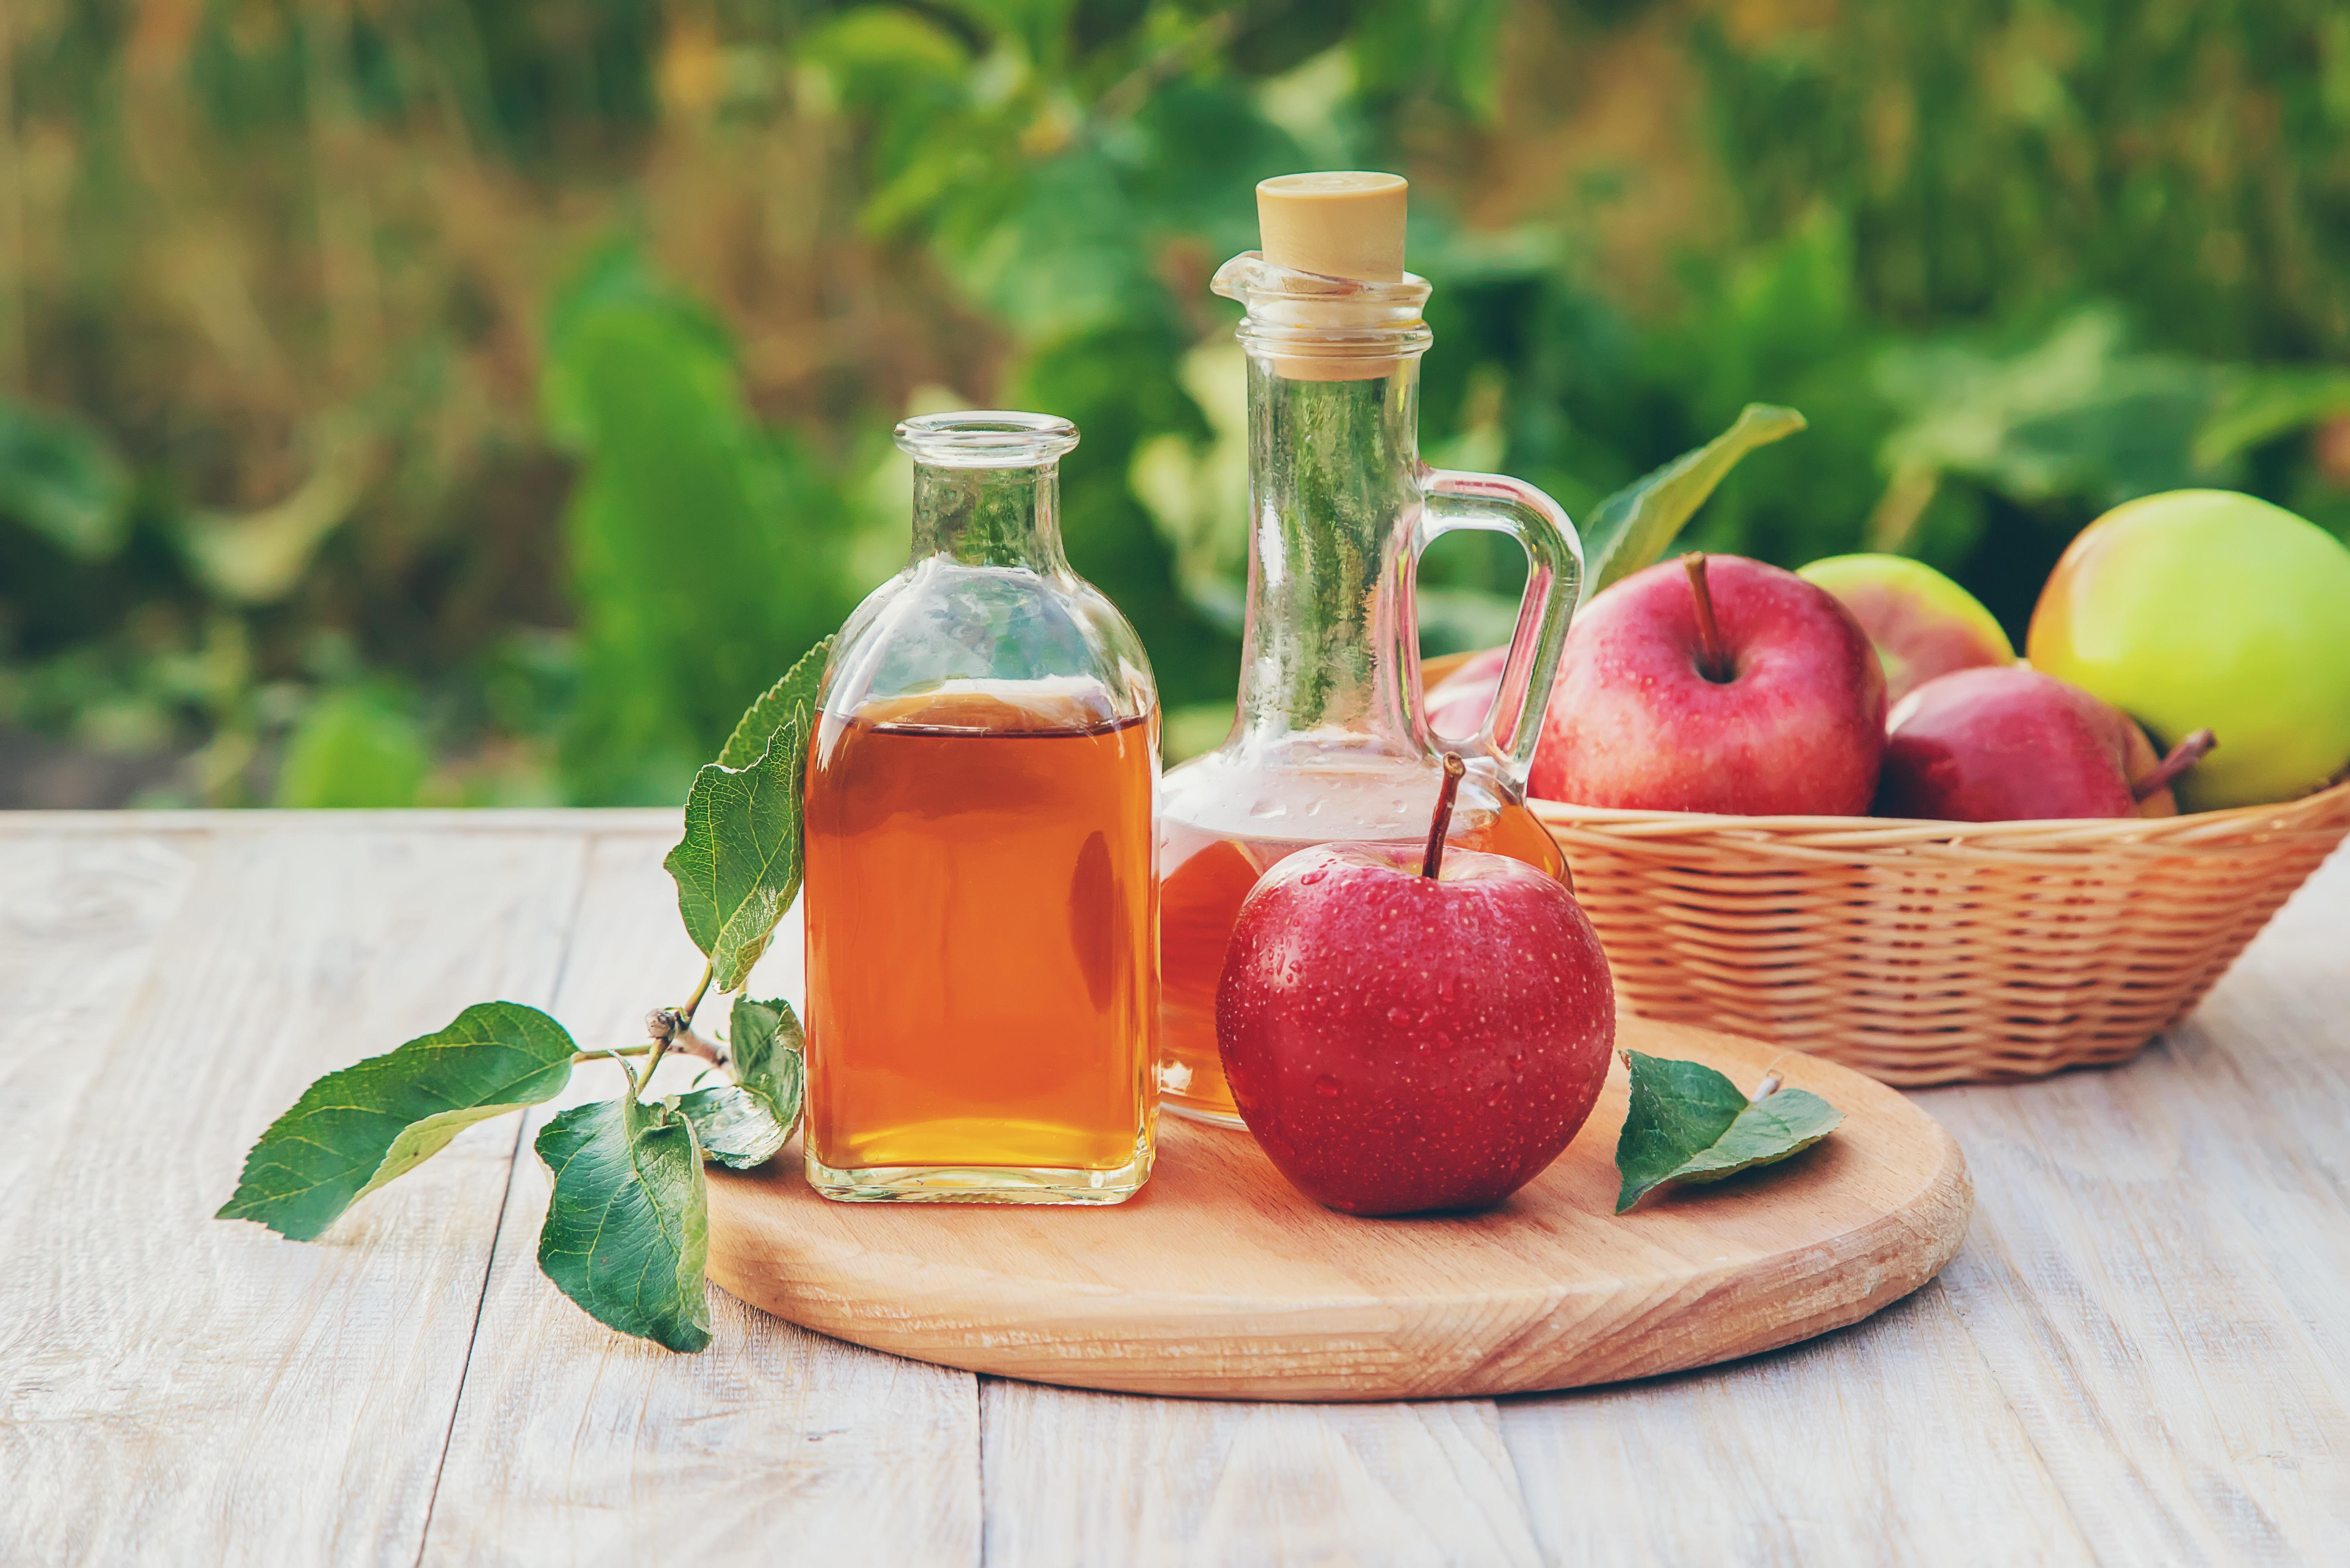 سیب کا سرکہ کیسے آپ کے وزن میں کمی لاسکتا ہے؟ جانیں 5 اہم وجویات